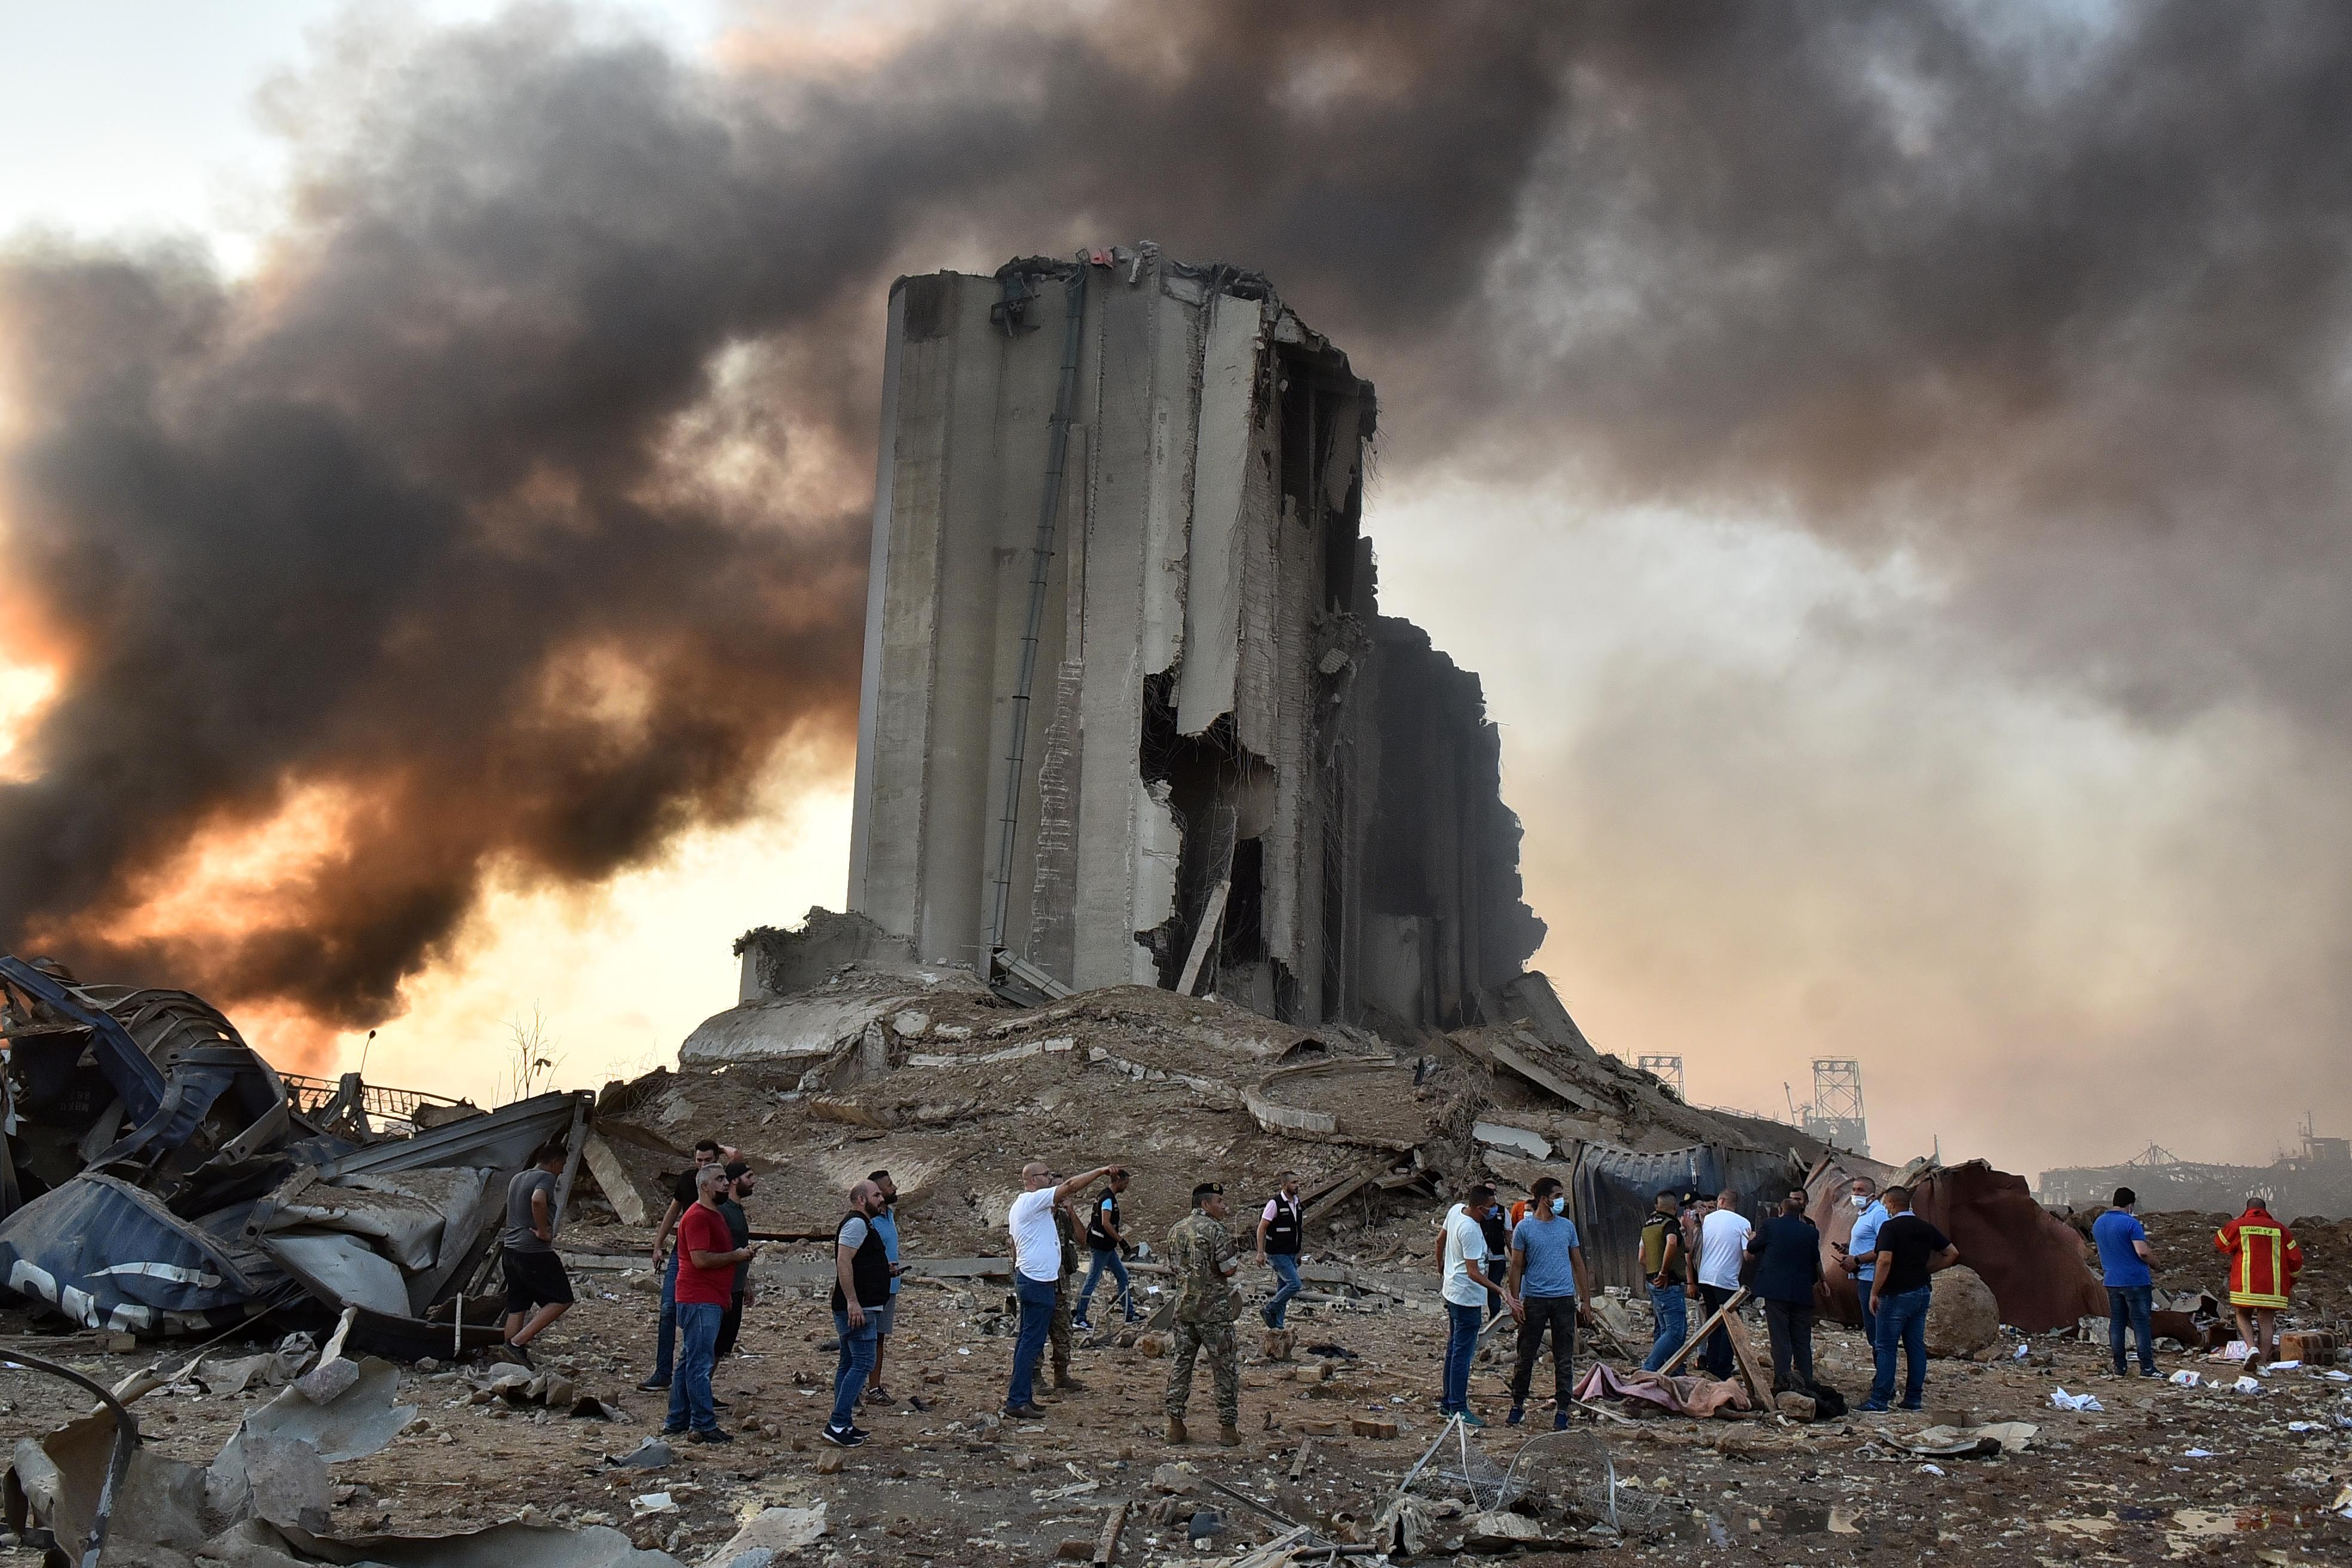 الانفجار أقوى من تفجير 2005 الذي قتل رئيس الحكومة الأسبق رفيق الحريري